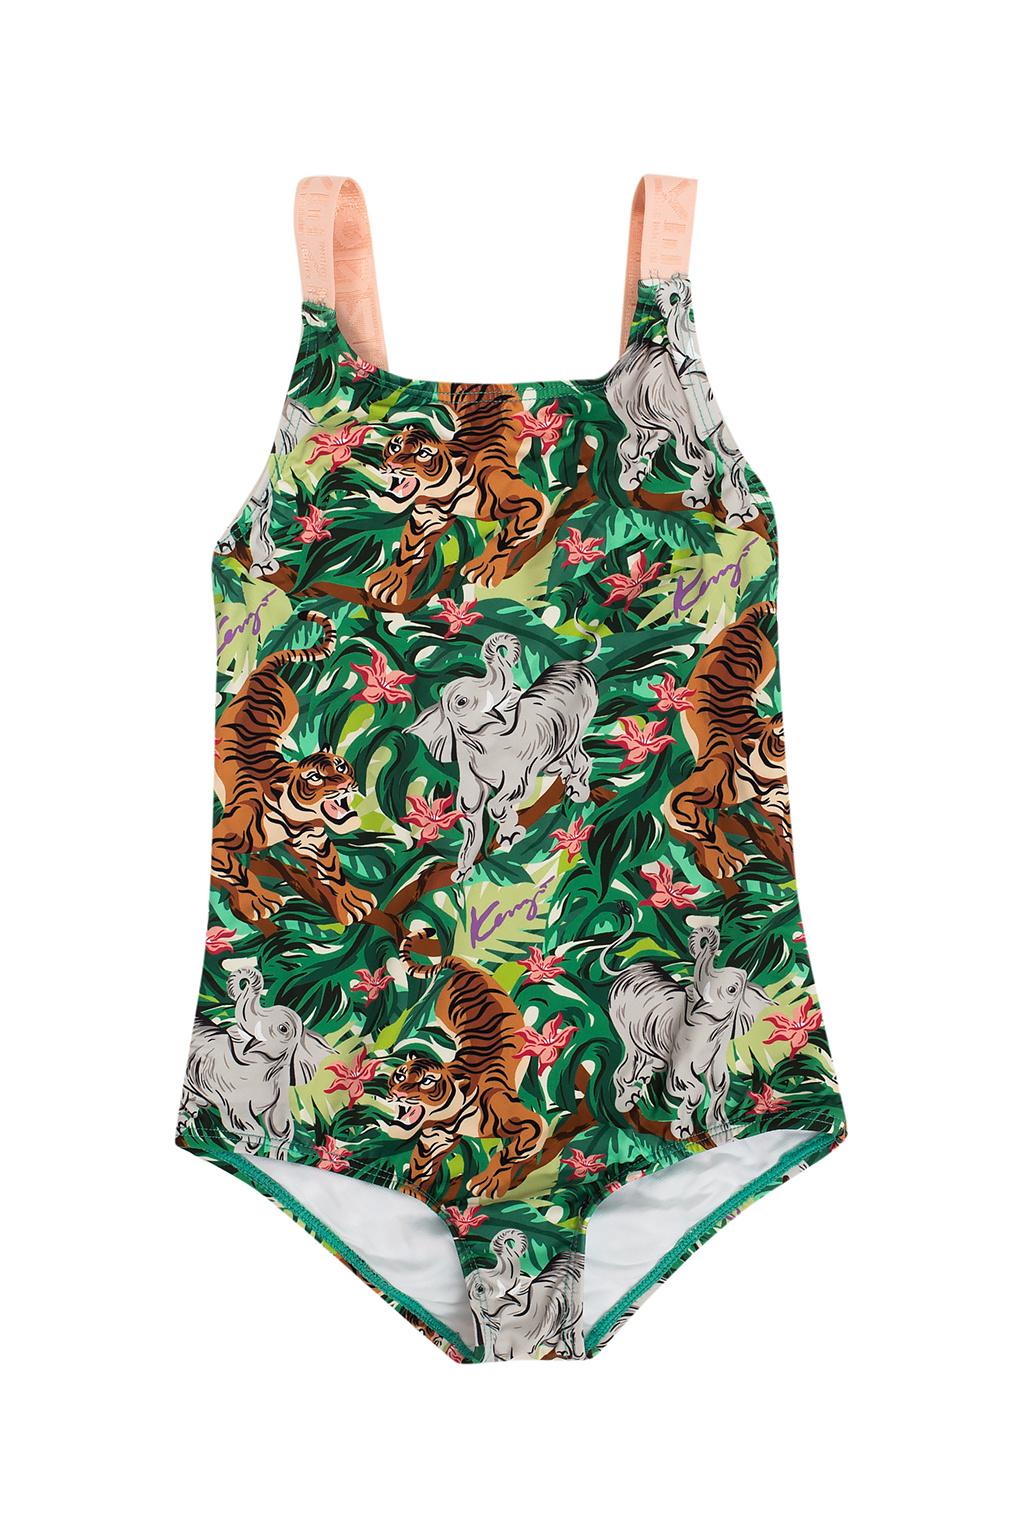 Kenzo Kids One-piece swimsuit